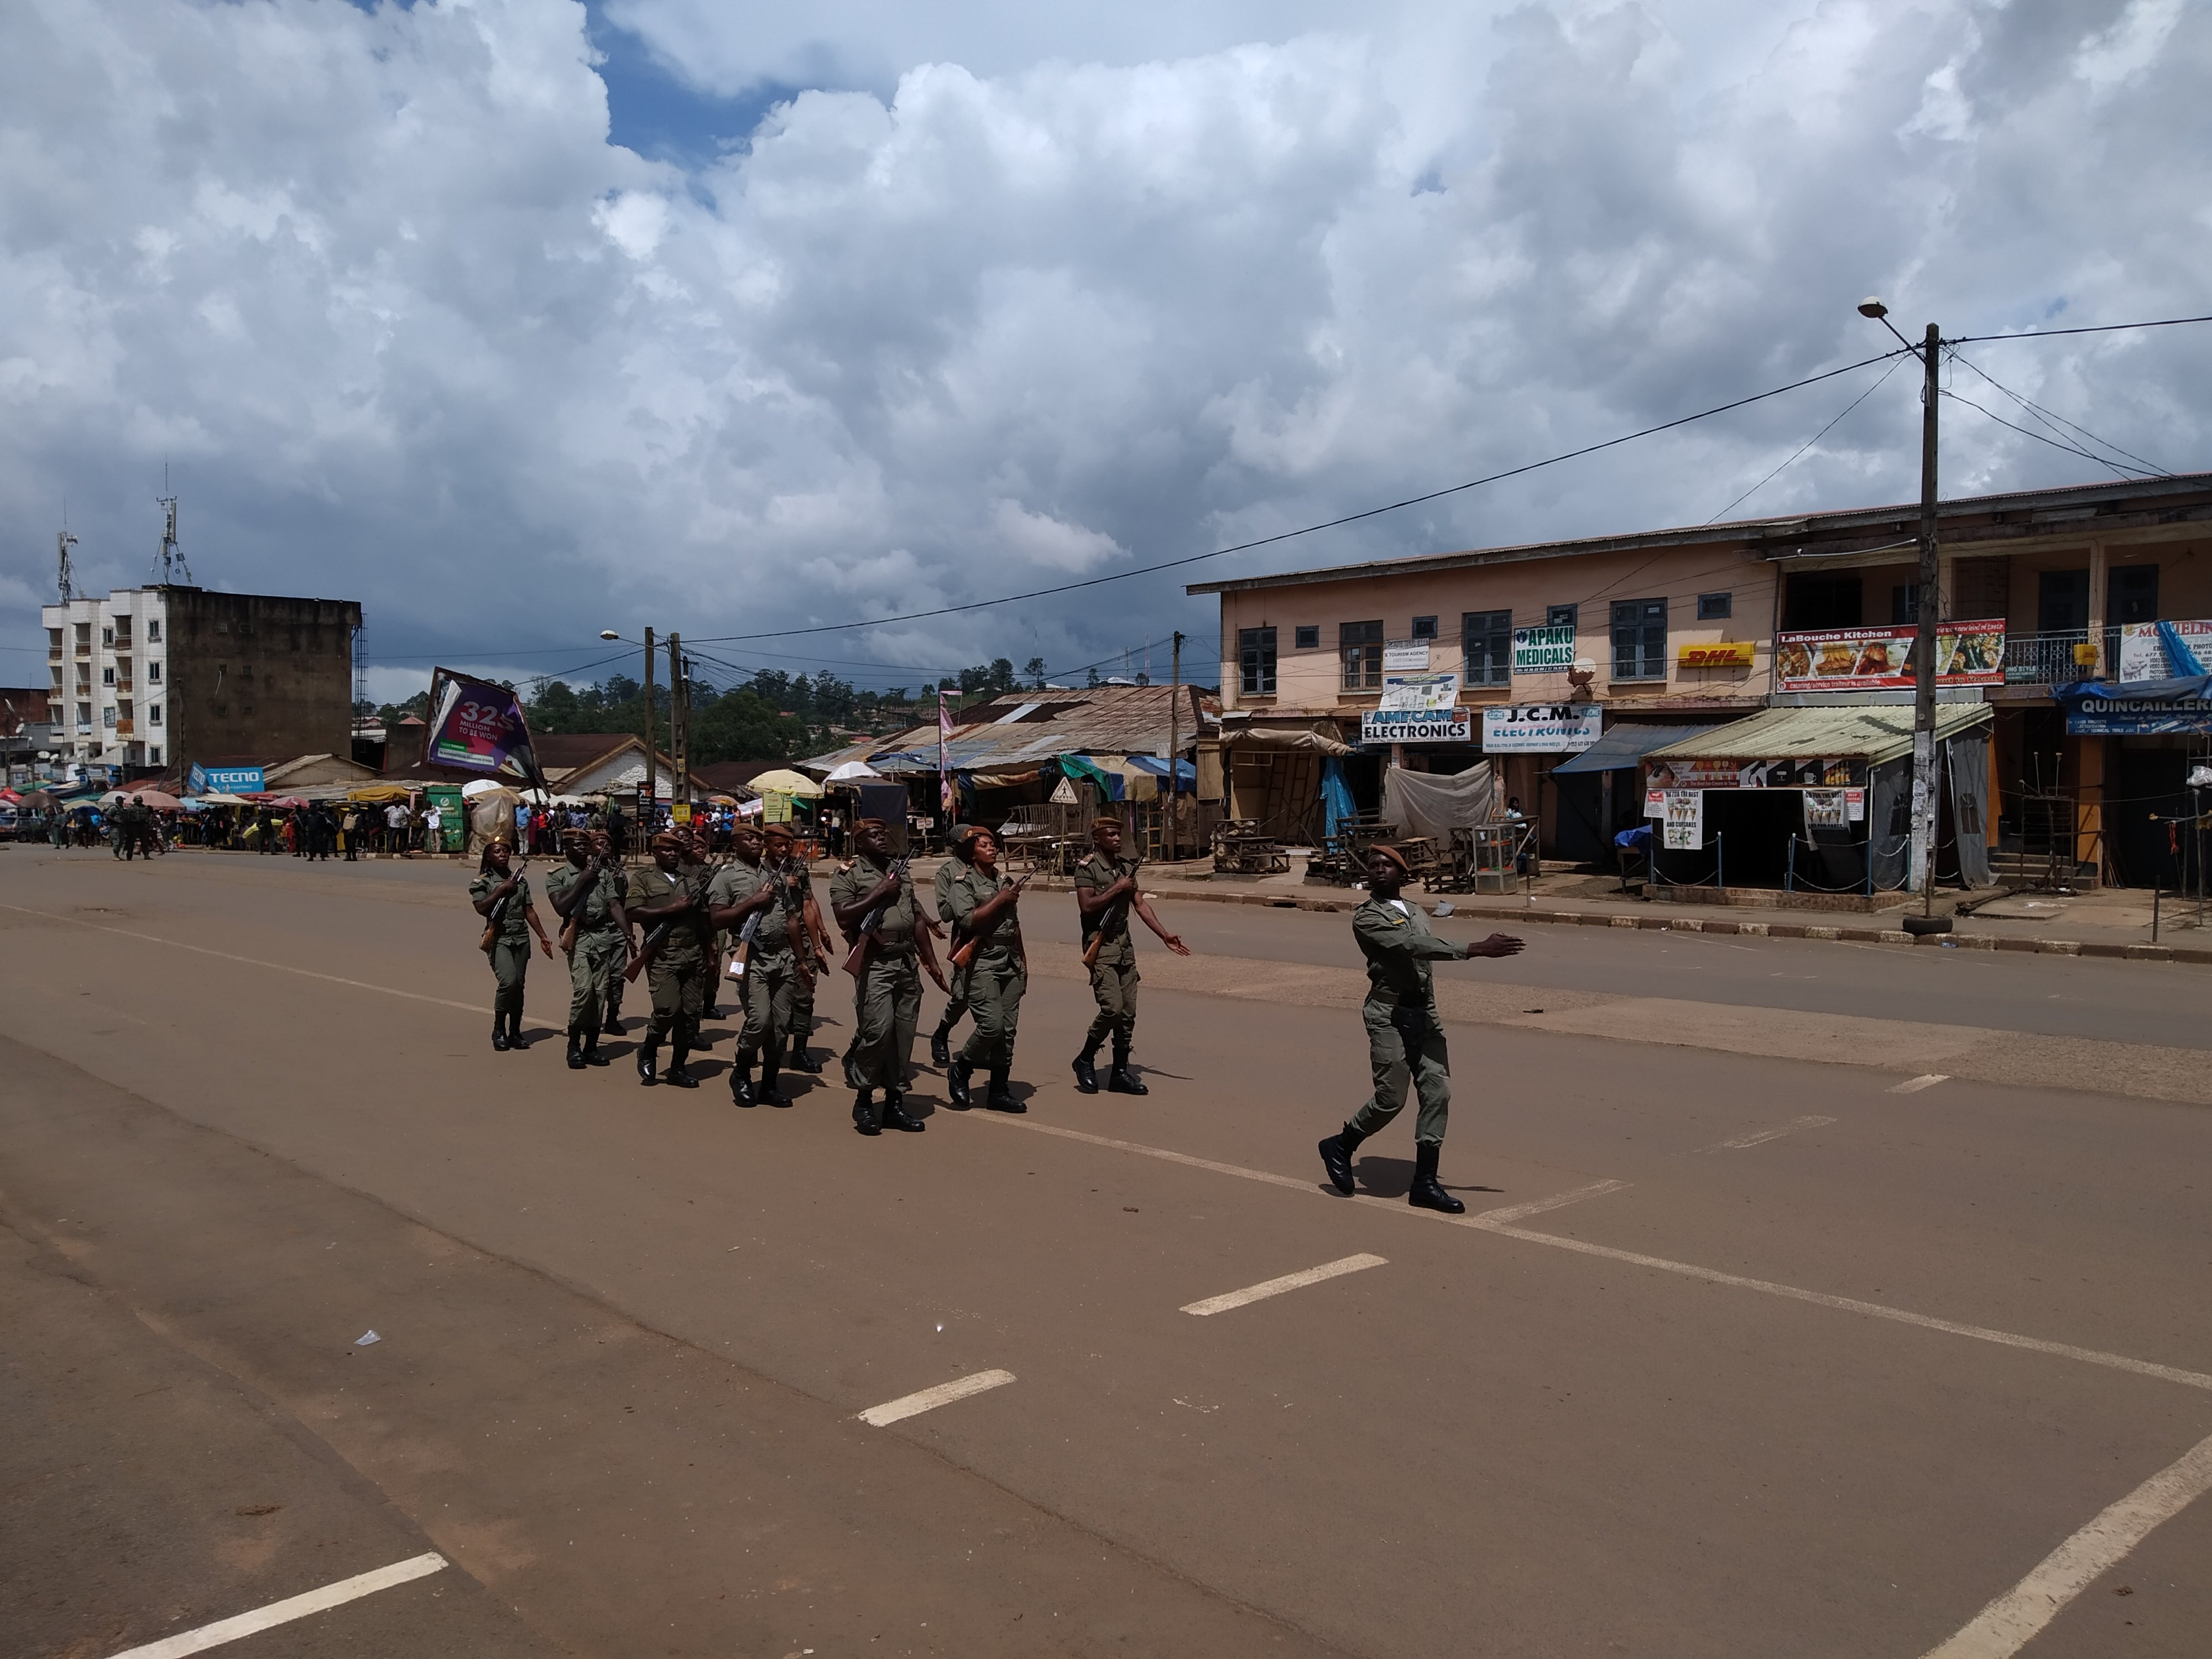 Parade militaire sur la place des fêtes de Bamenda.